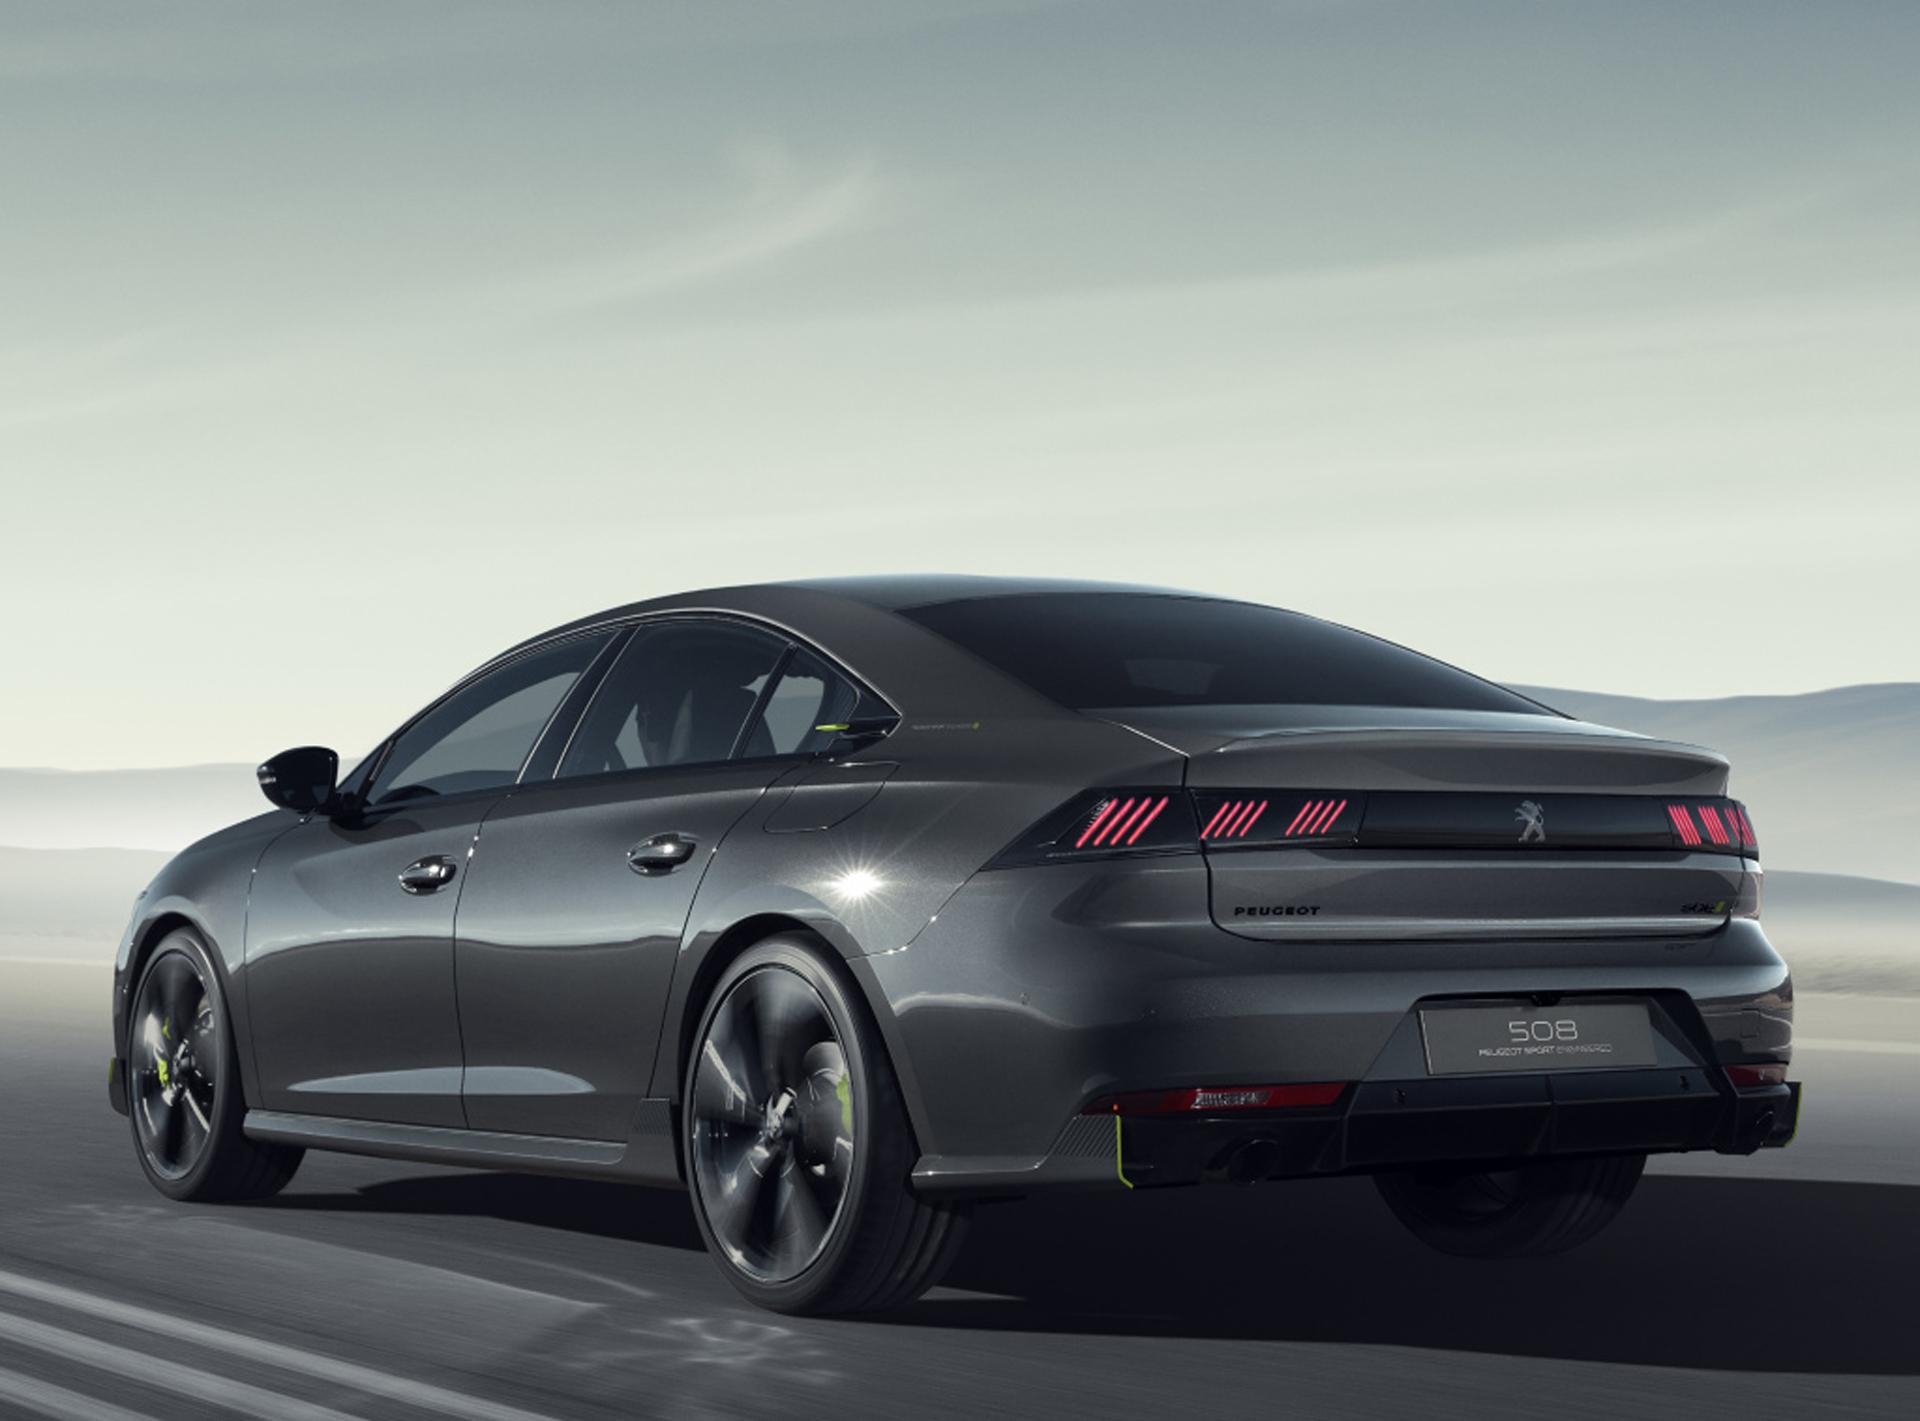 El 508 Peugeot Sport Engineered estará presente en el Salón del Automóvil de Ginebra 2019 que se realizará en marzo